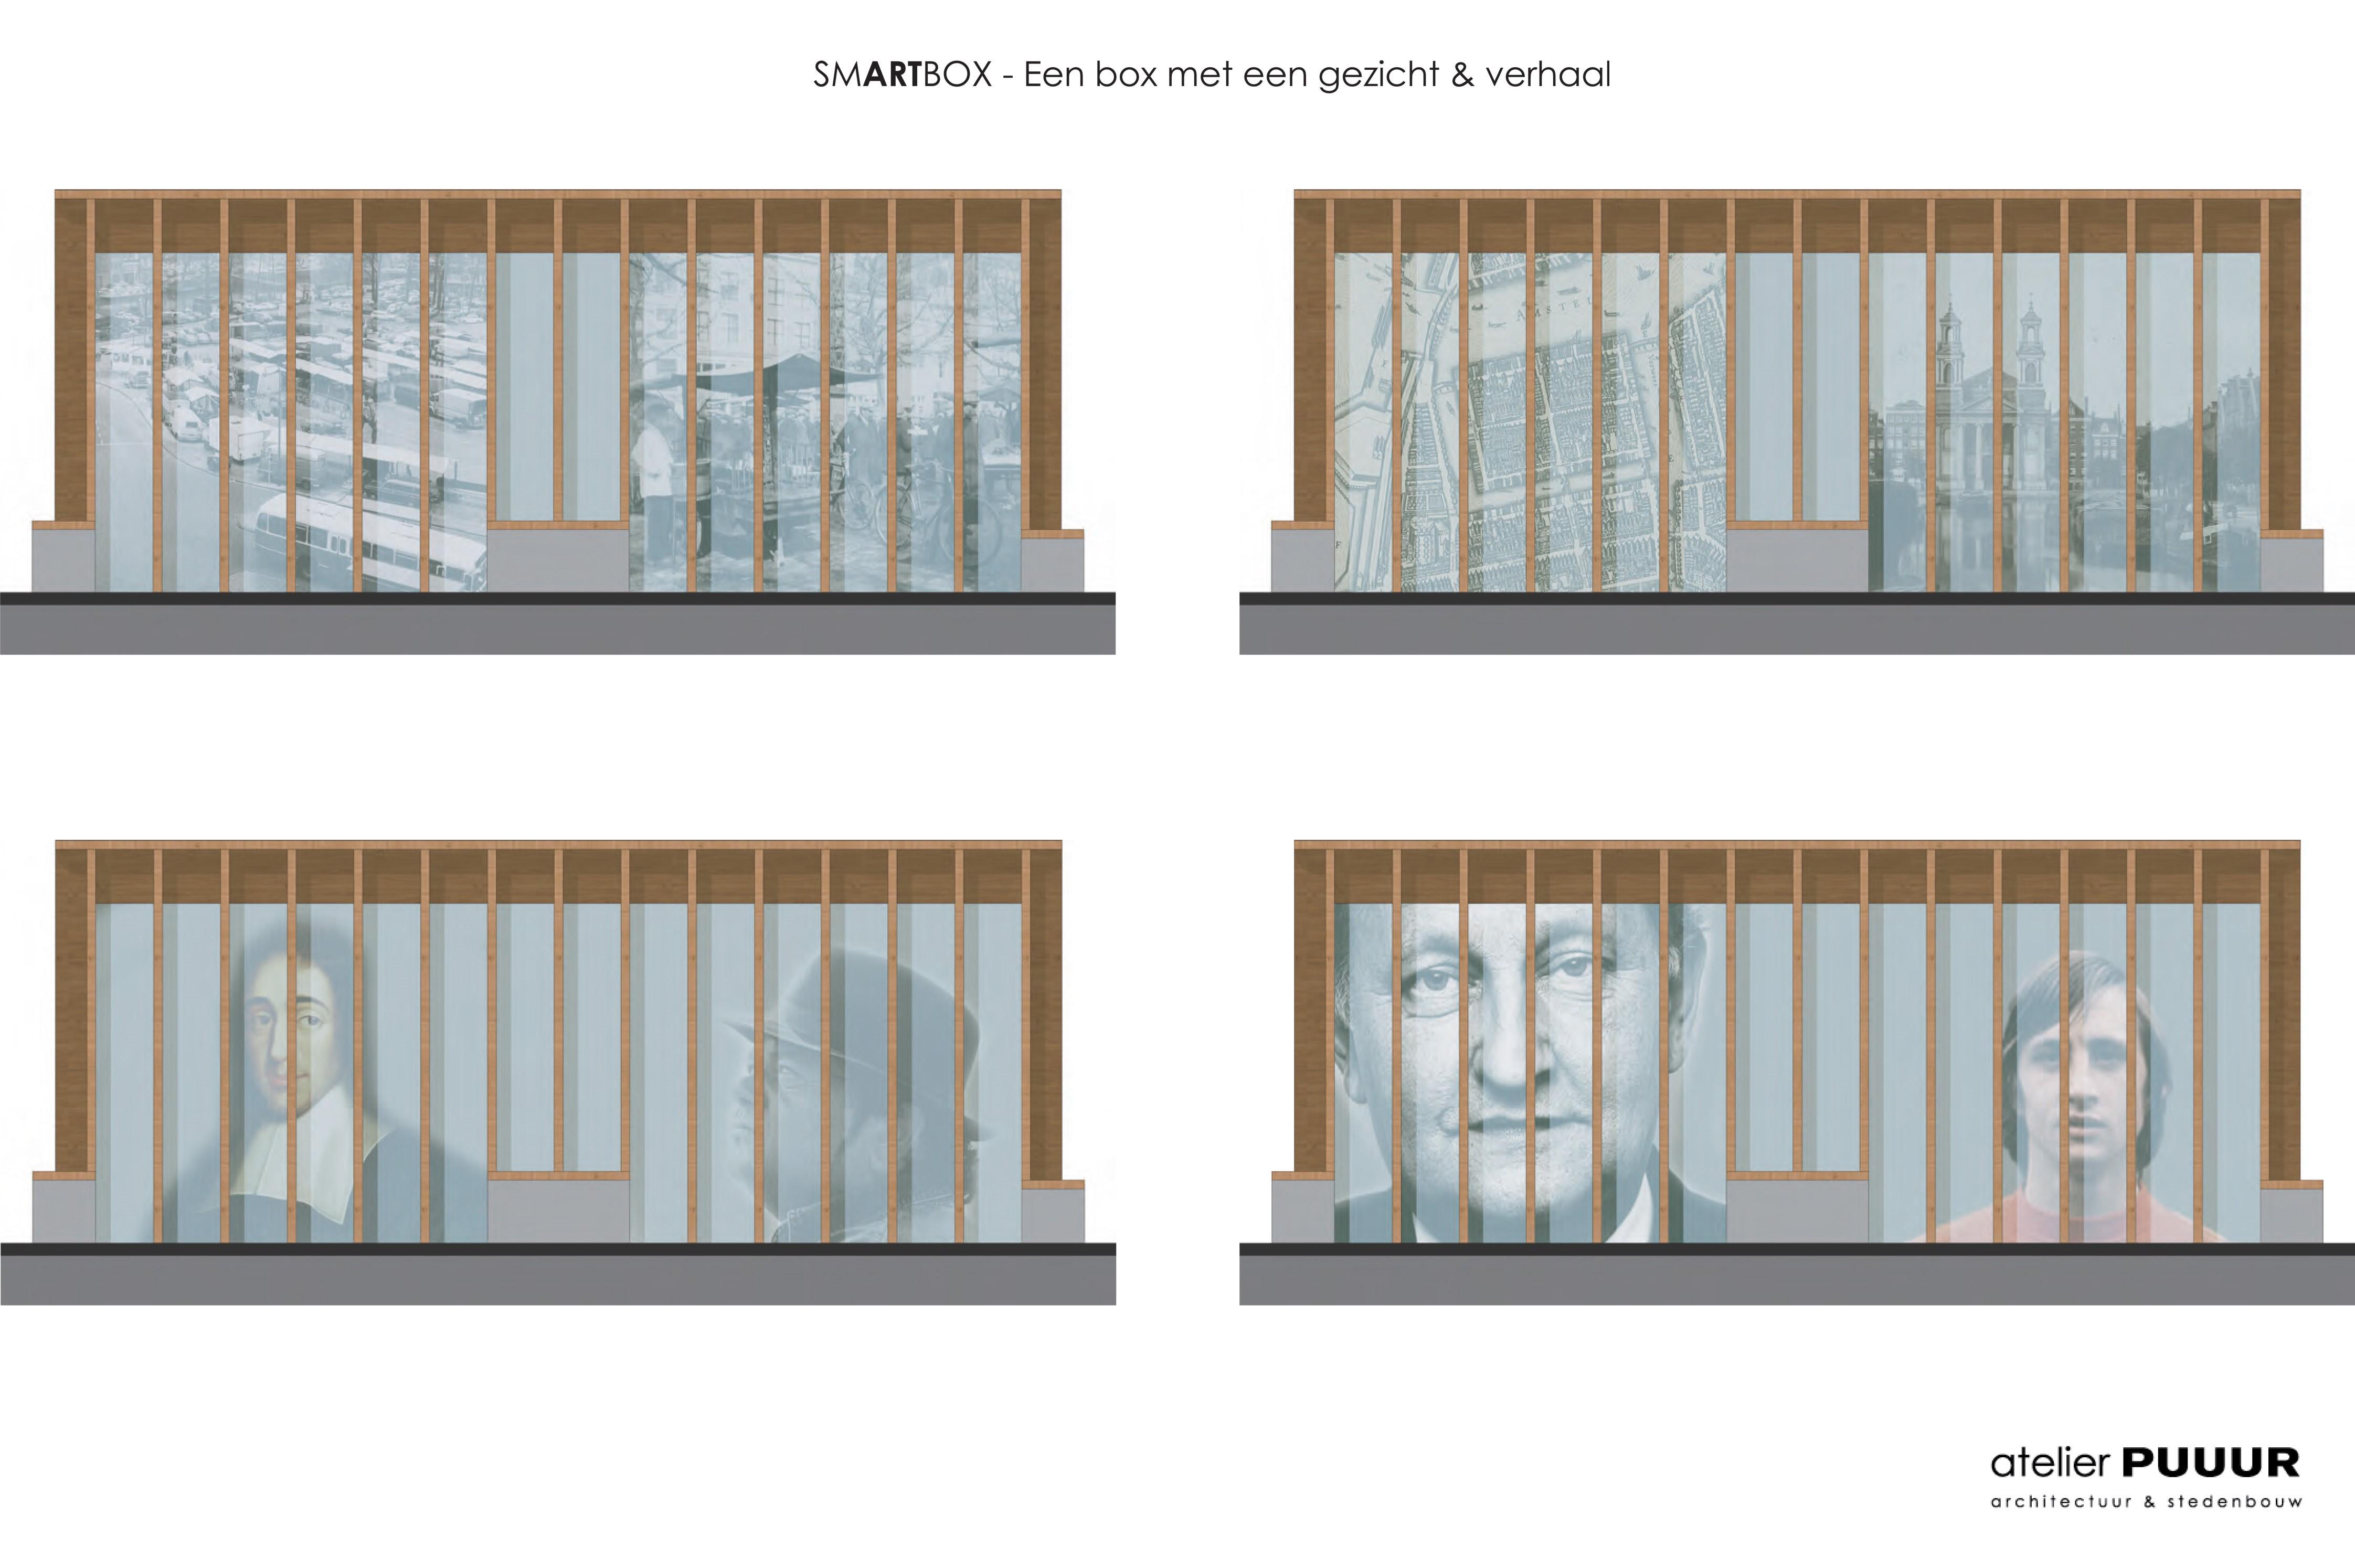 <p>SmARTbox Waterlooplein Amsterdam door Atelier PUUUR</p>